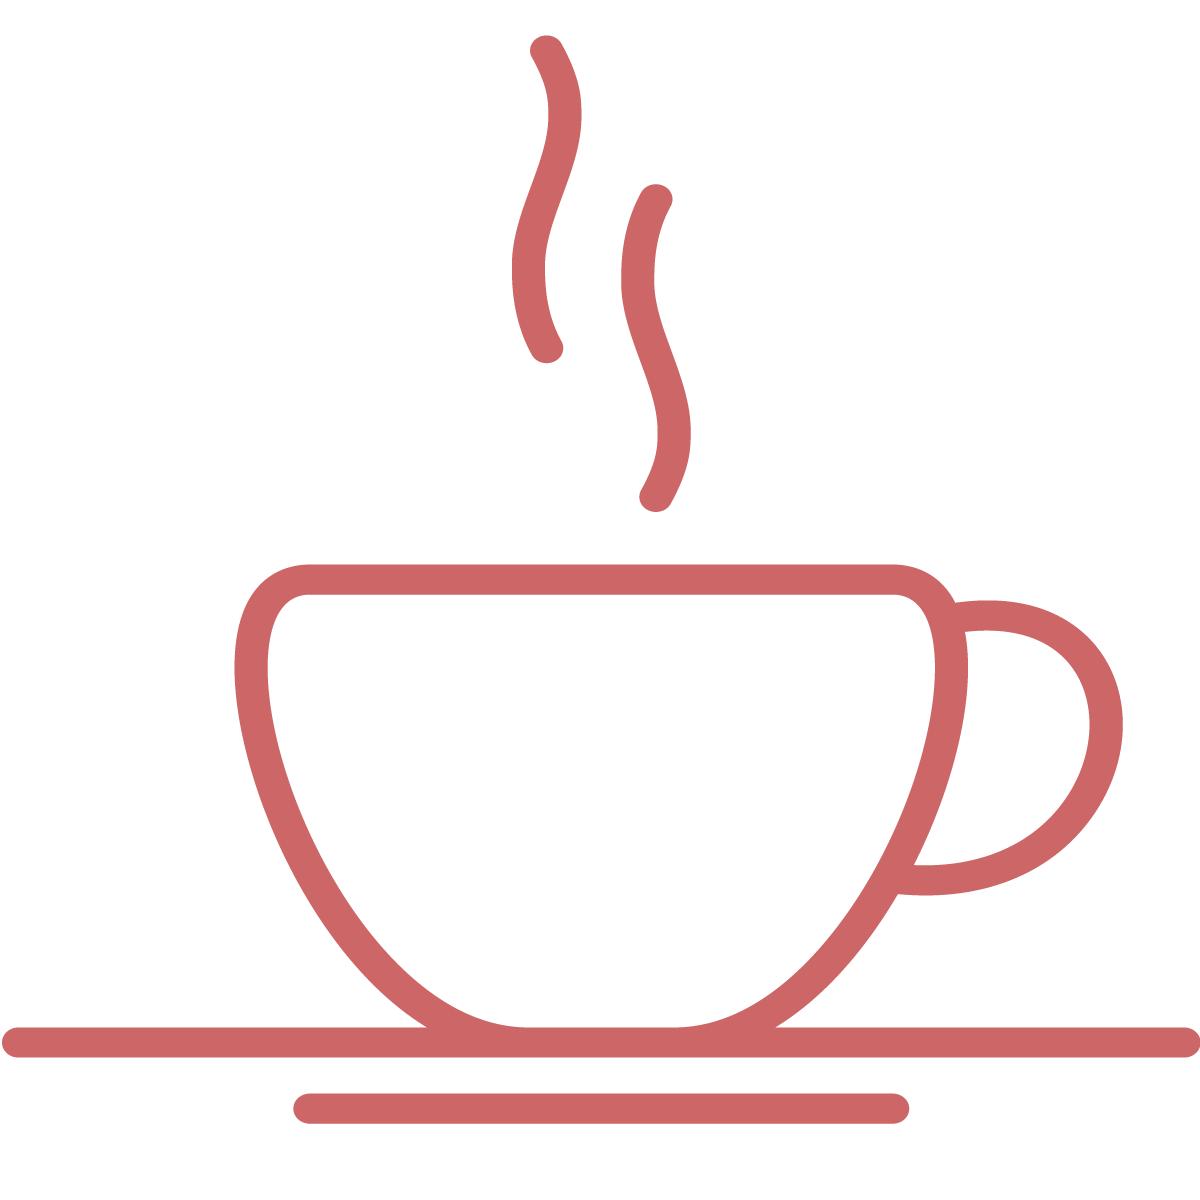 Dal set THE KITCHEN, l'icona tazza caffè ROSSA, creata da Wojciech Zasina [www.be.net/wzasina] e usata su www.cucinodite.it da Giorgio Giorgetti, personal chef Varese Como Milano Lombardia